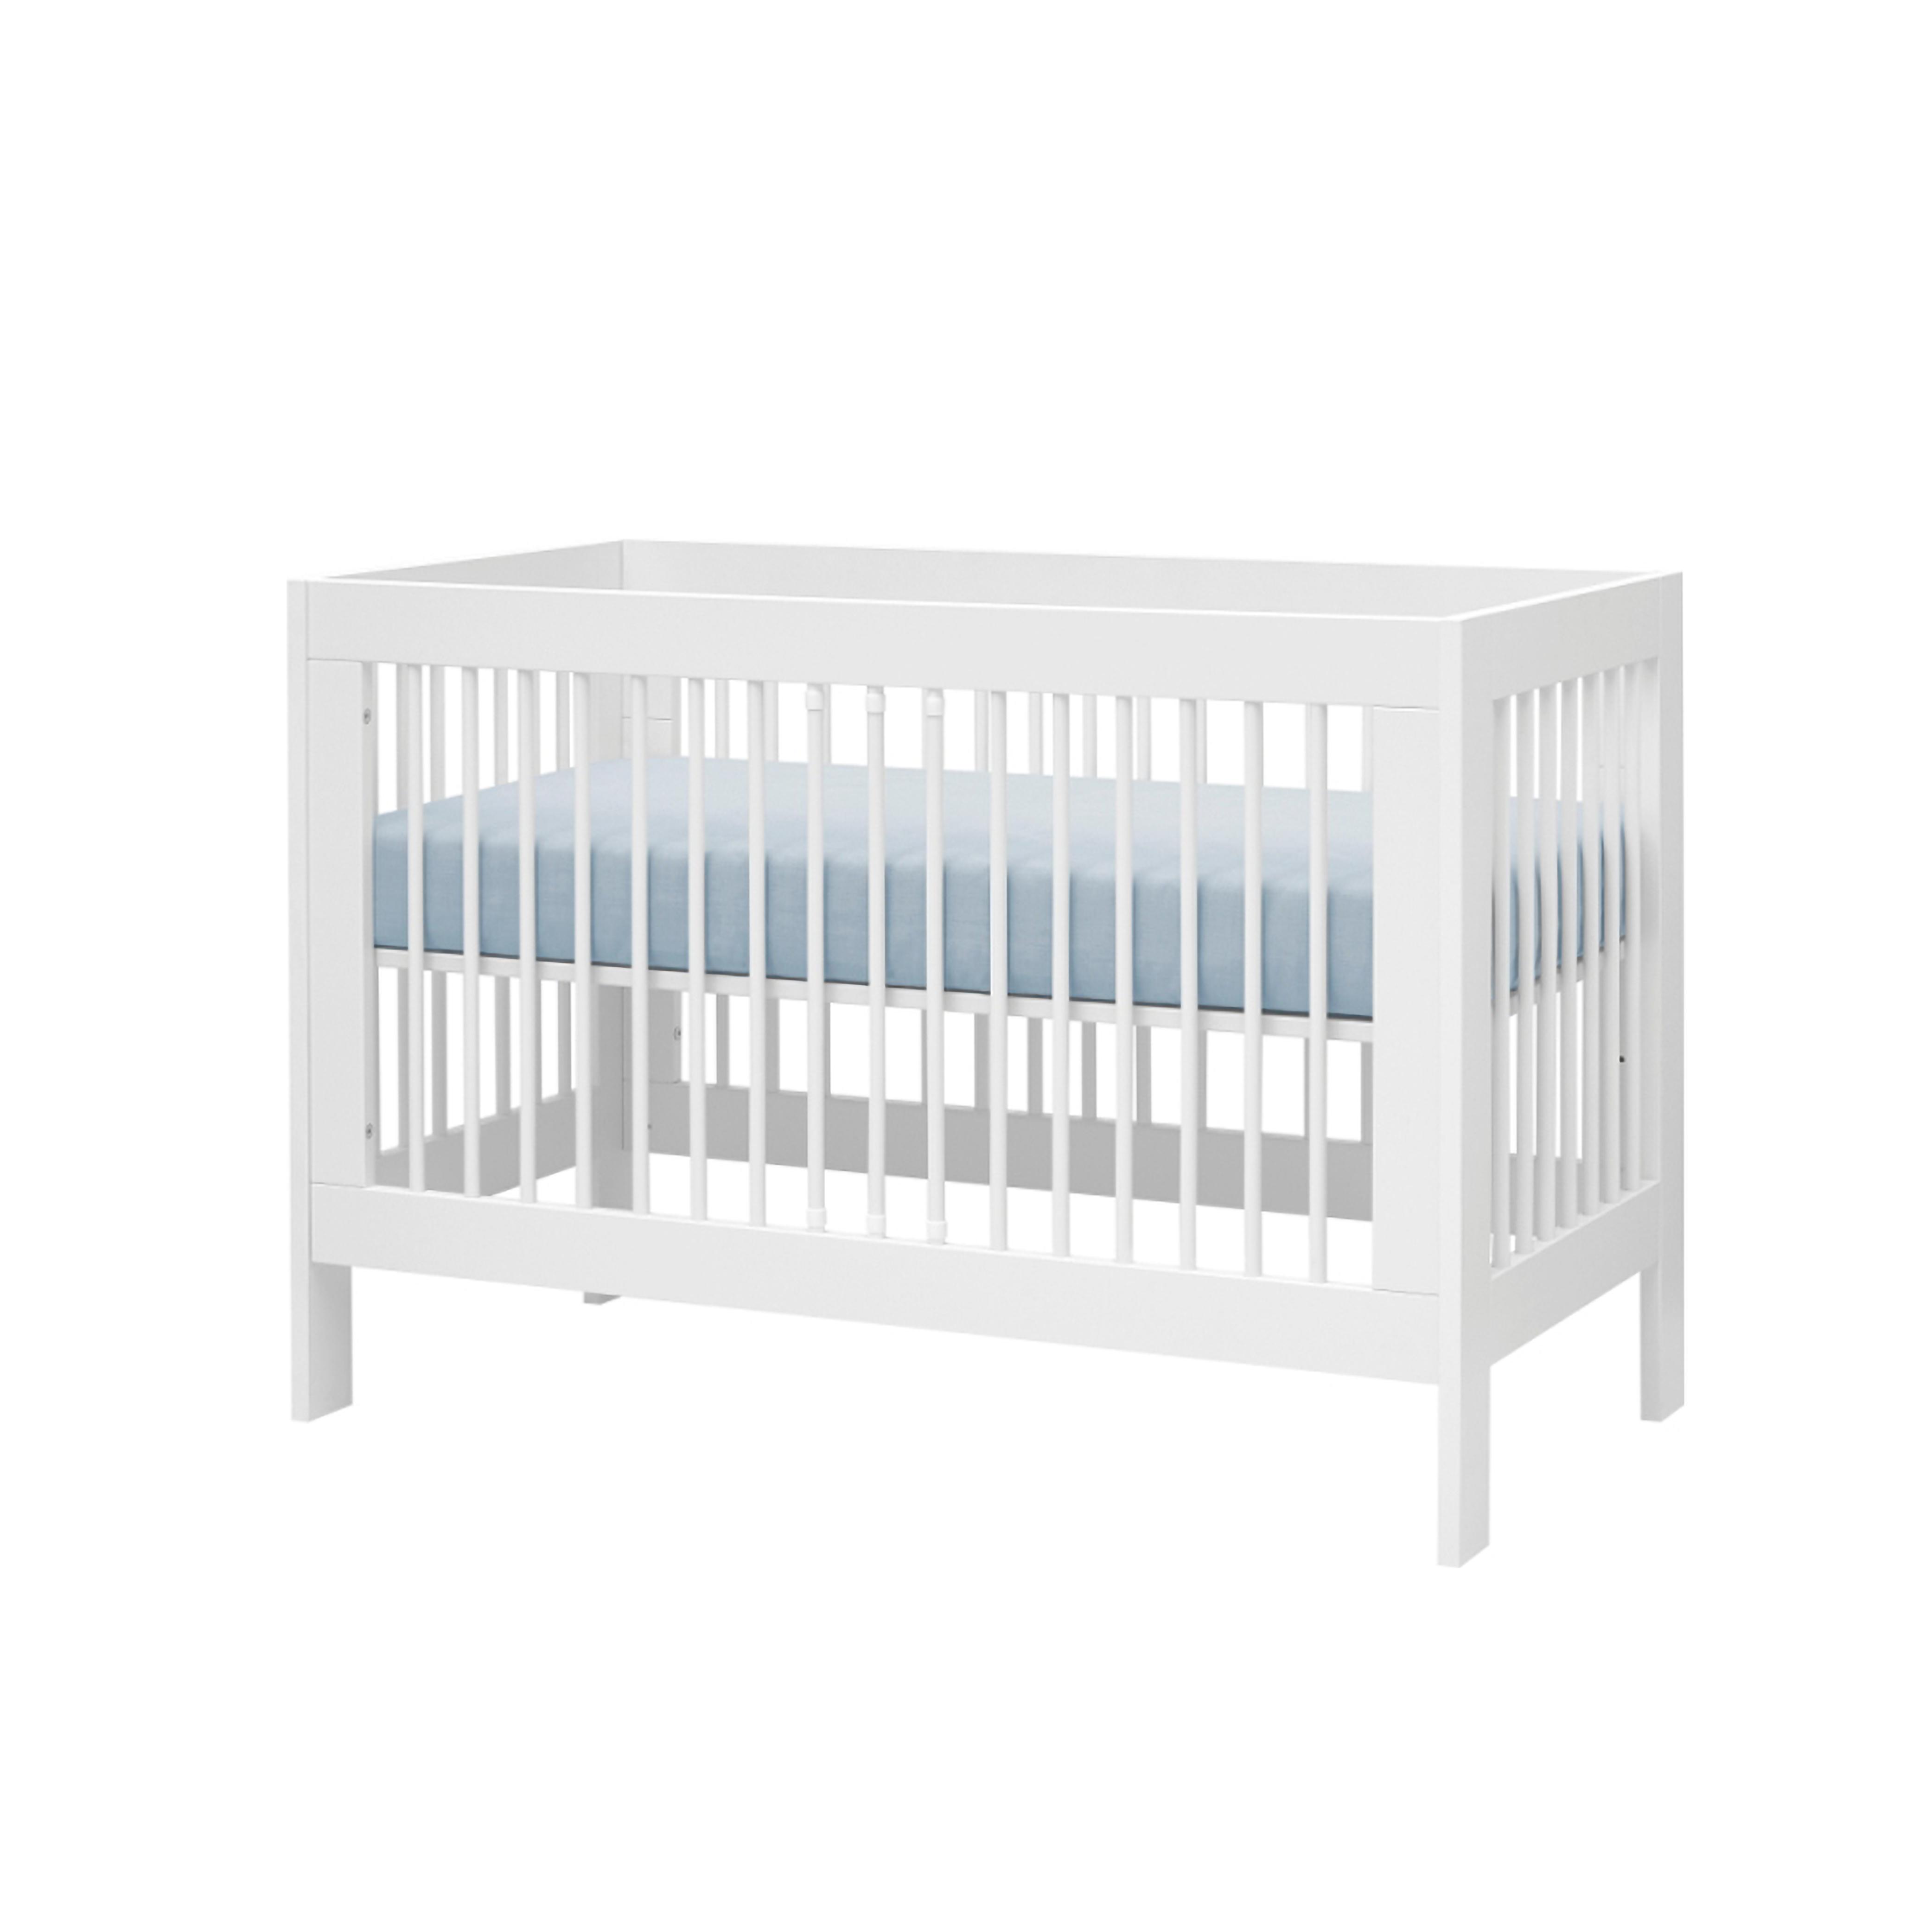 Łóżeczko dziecięce Basic tapczanik 60x120 cm